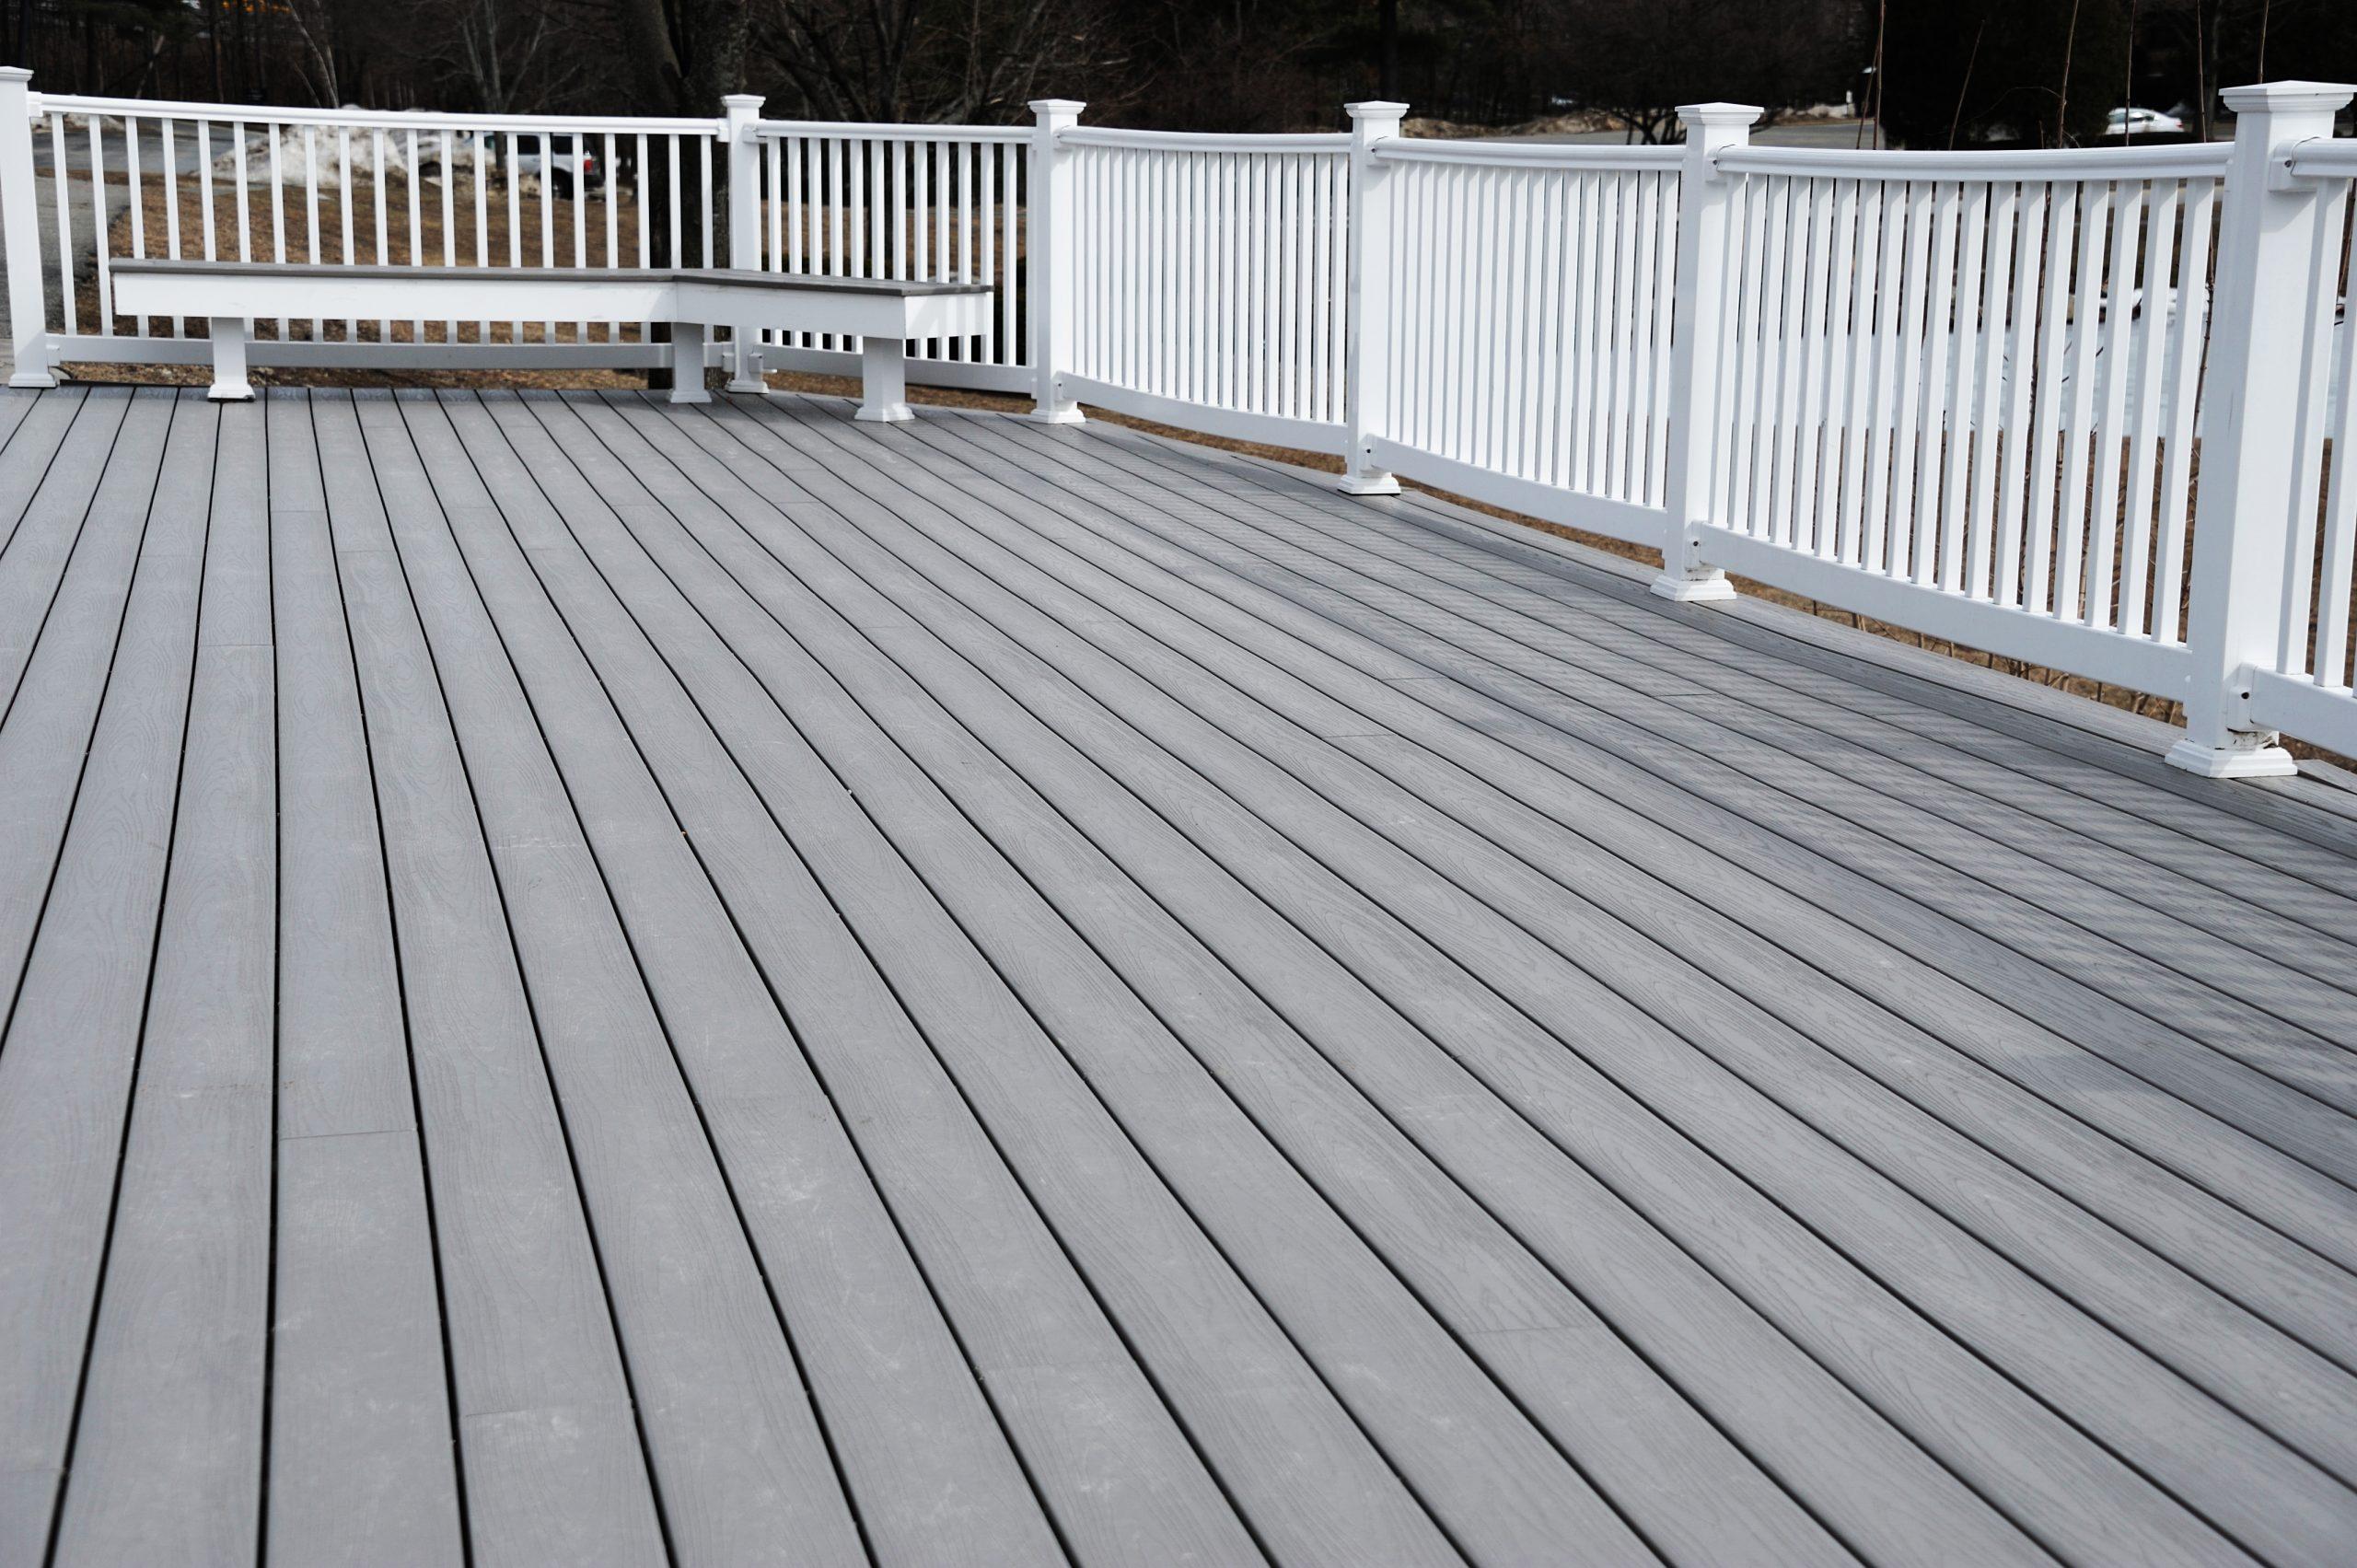 composite deck builder contractor little rock arkansas decks decking contractors best quality professional vinyl deck pvc deck